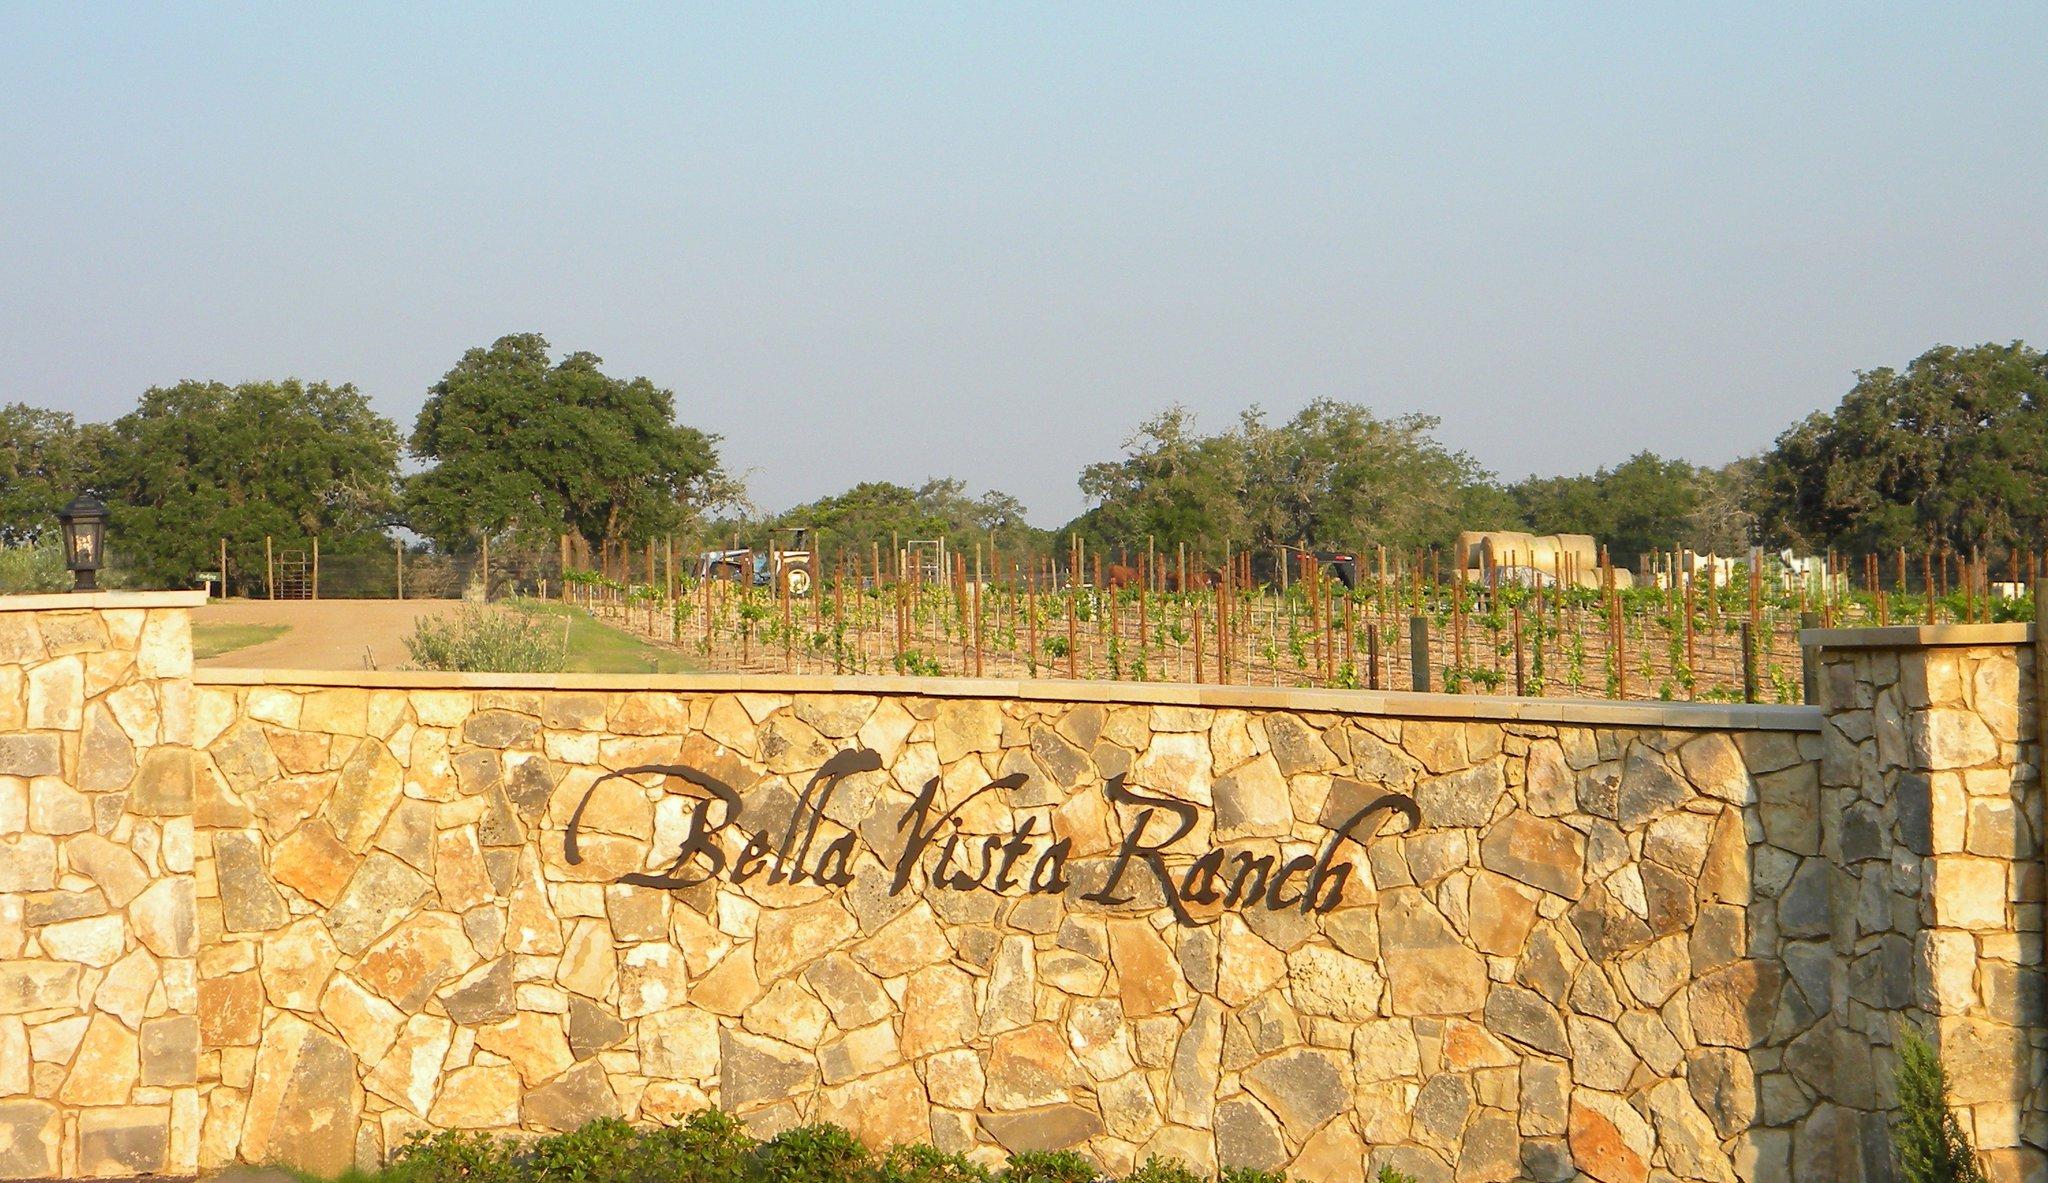 Bella Vista Ranch